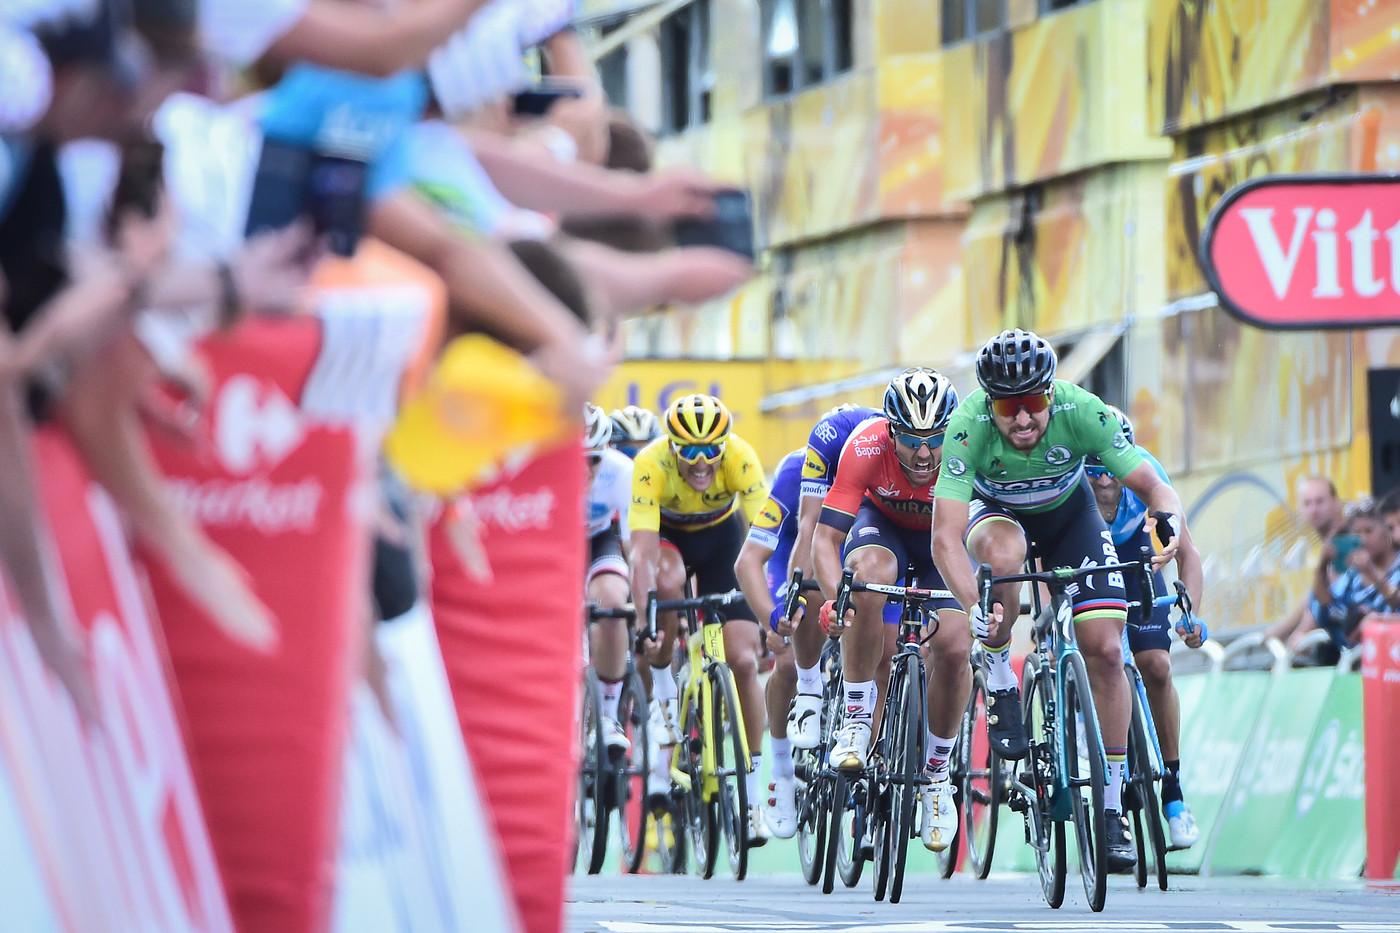 2018 Tour de France Sagan retains green jersey